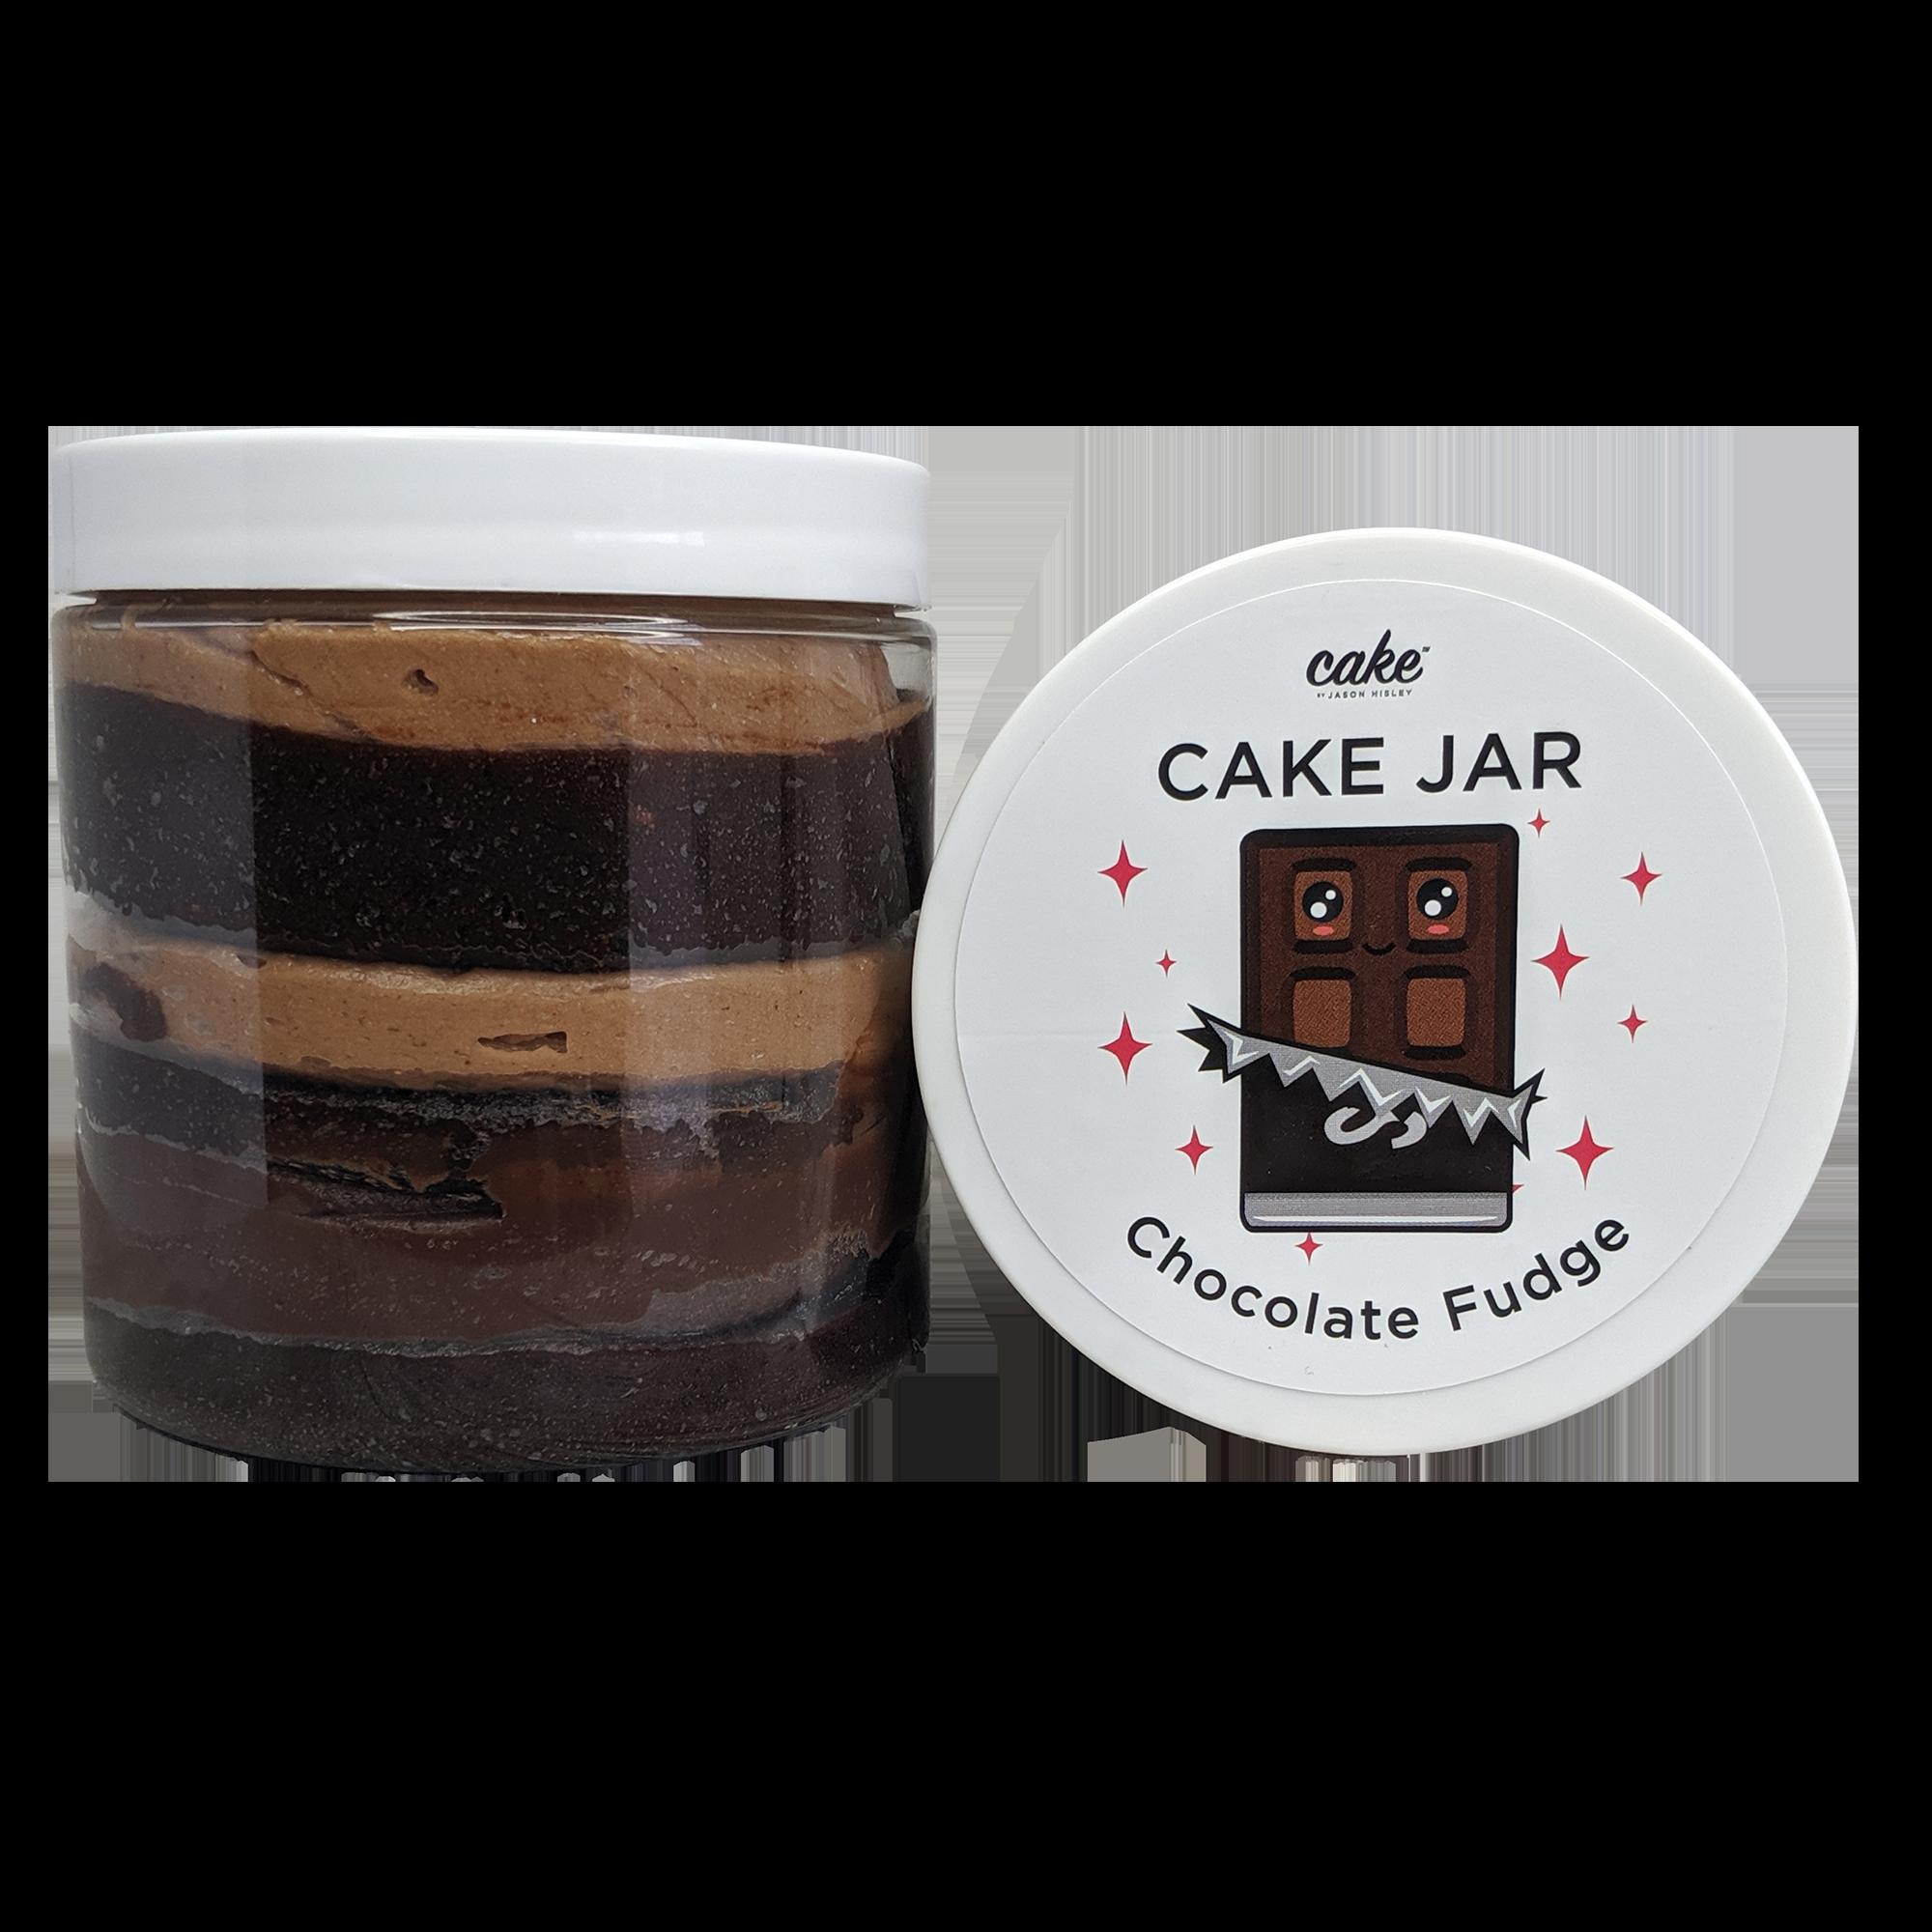 Chocolate Fudge Cake Jar